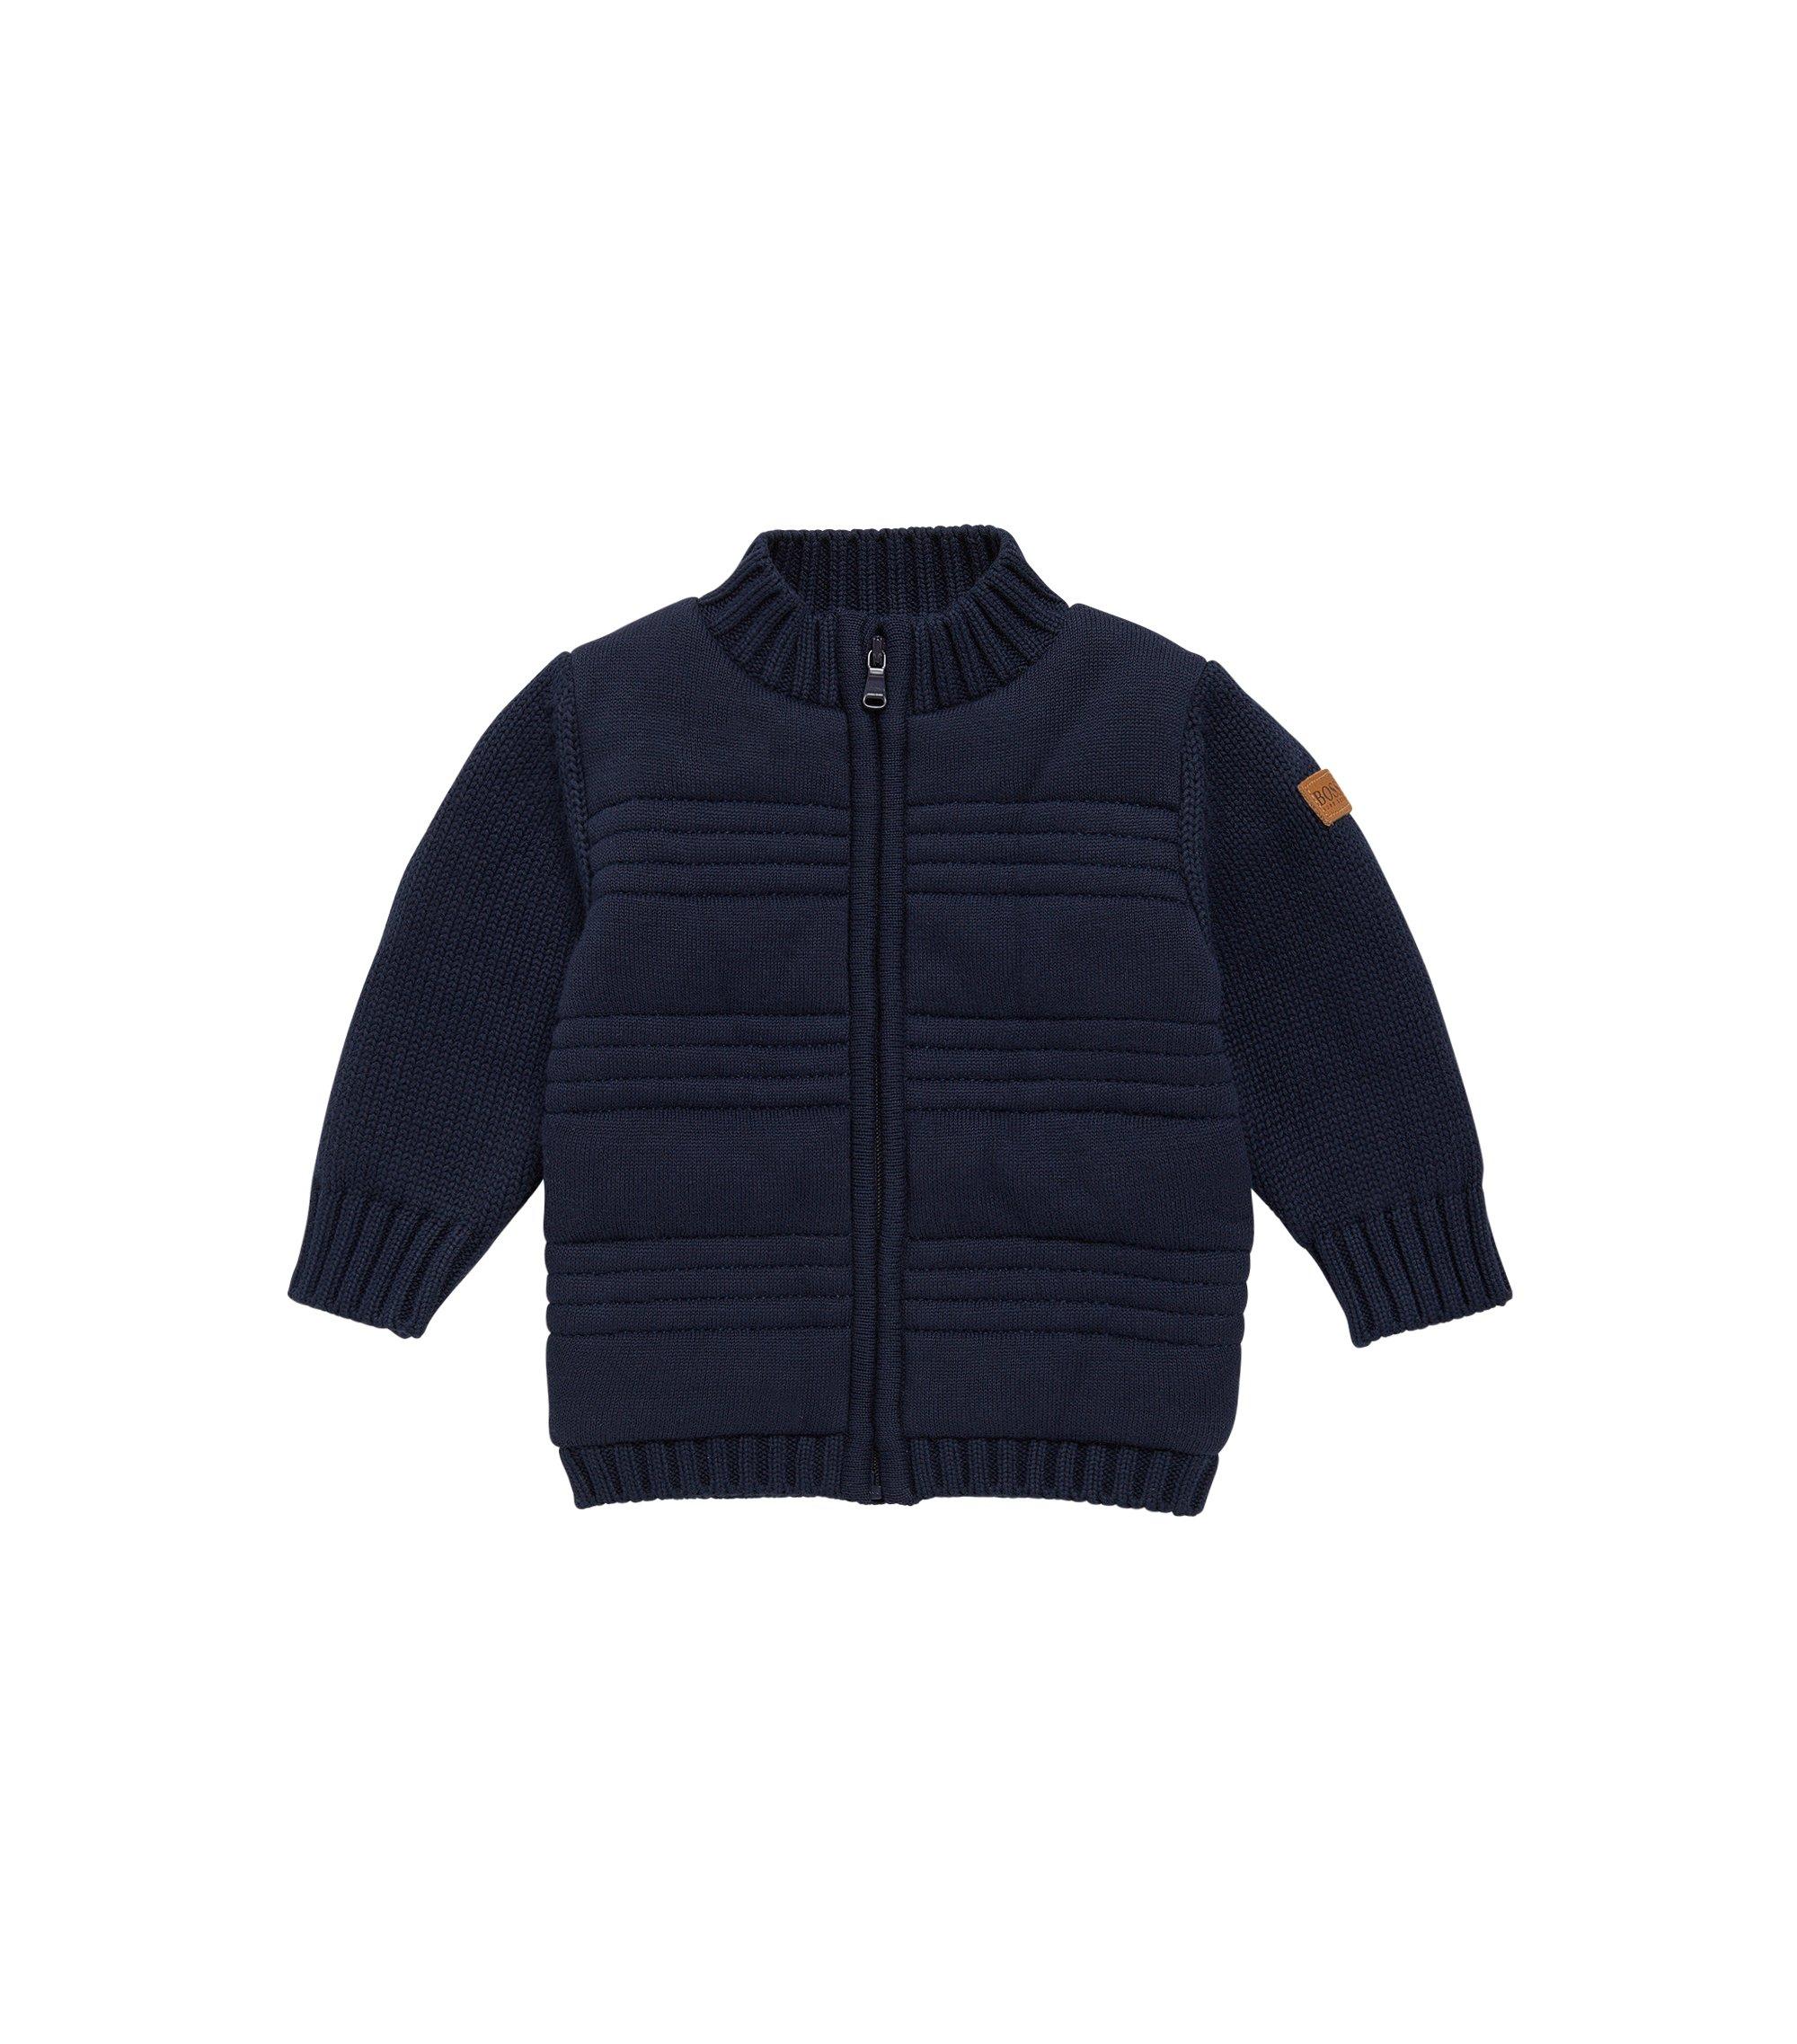 Veste en maille pour enfant en coton, doublée sur le devant: «J05522», Bleu foncé